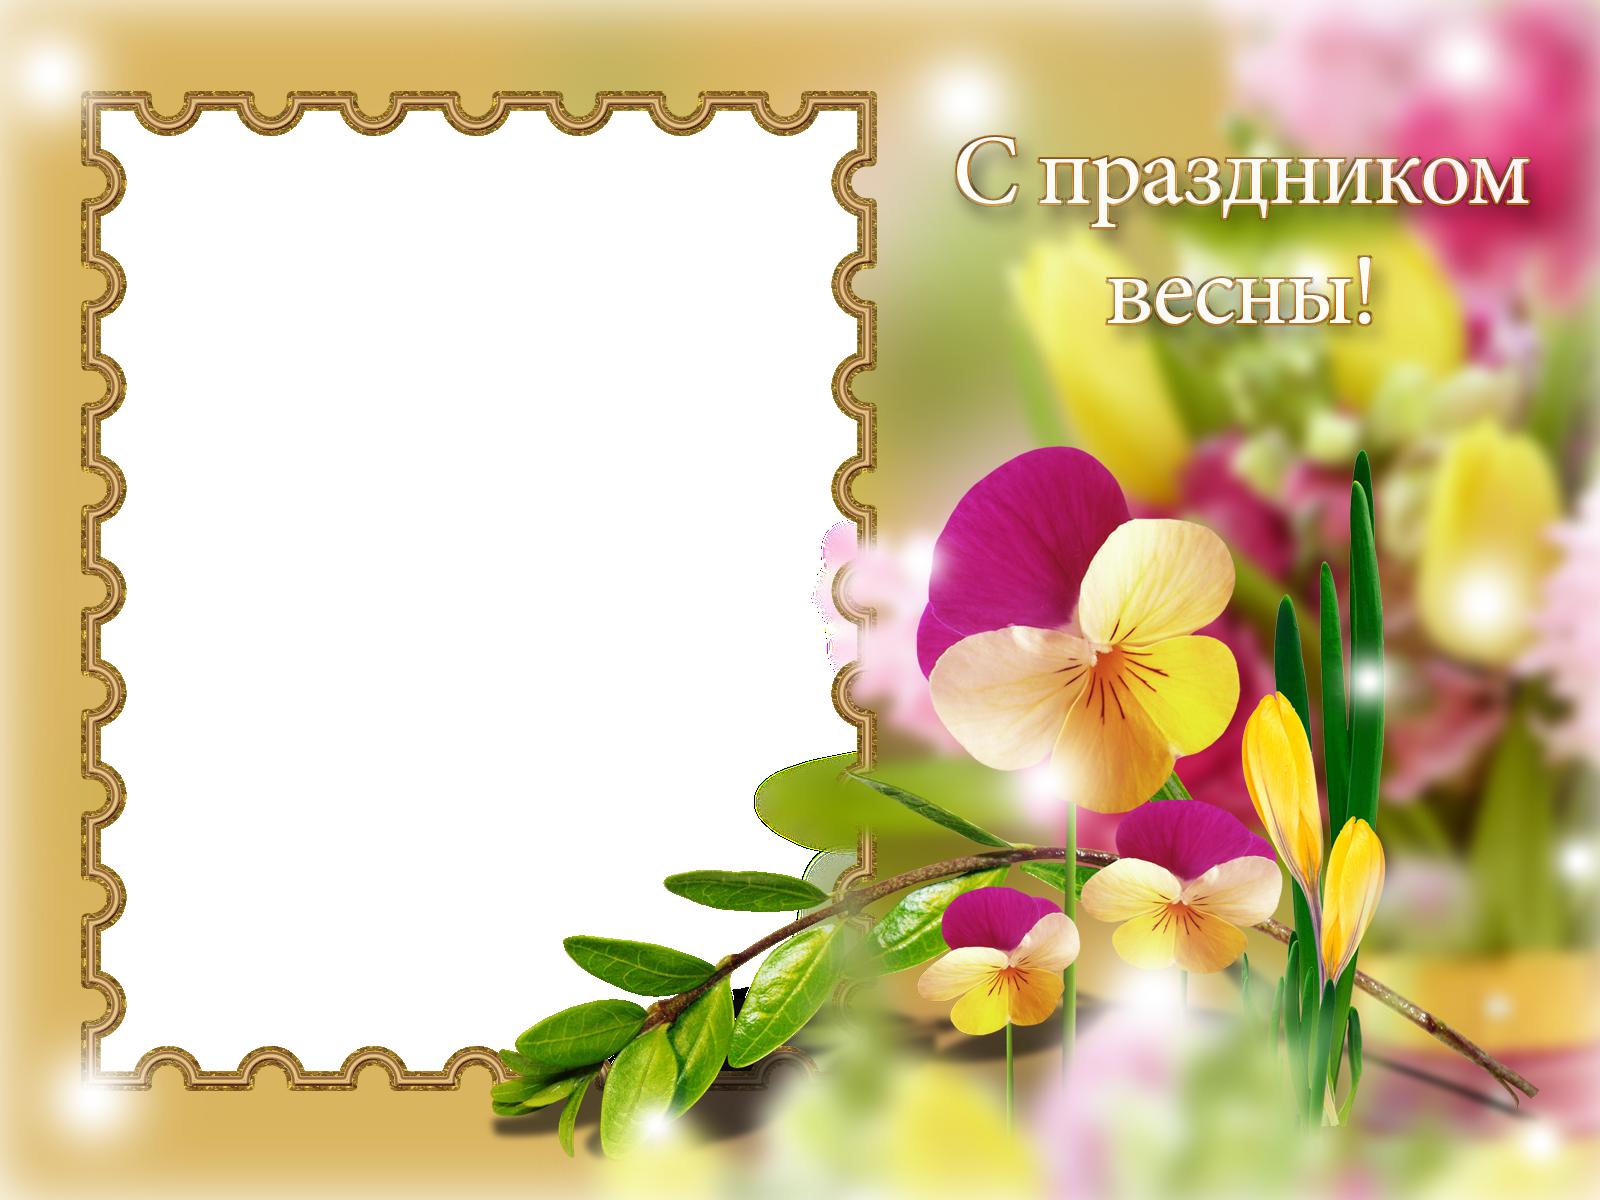 Фоторамка С праздником весны! Фоторамка для фотошопа, PNG шаблон. Фоторамка, открытка, поздравление с первым днем весны. 1 марта. Букет цветов. Весенняя открытка.